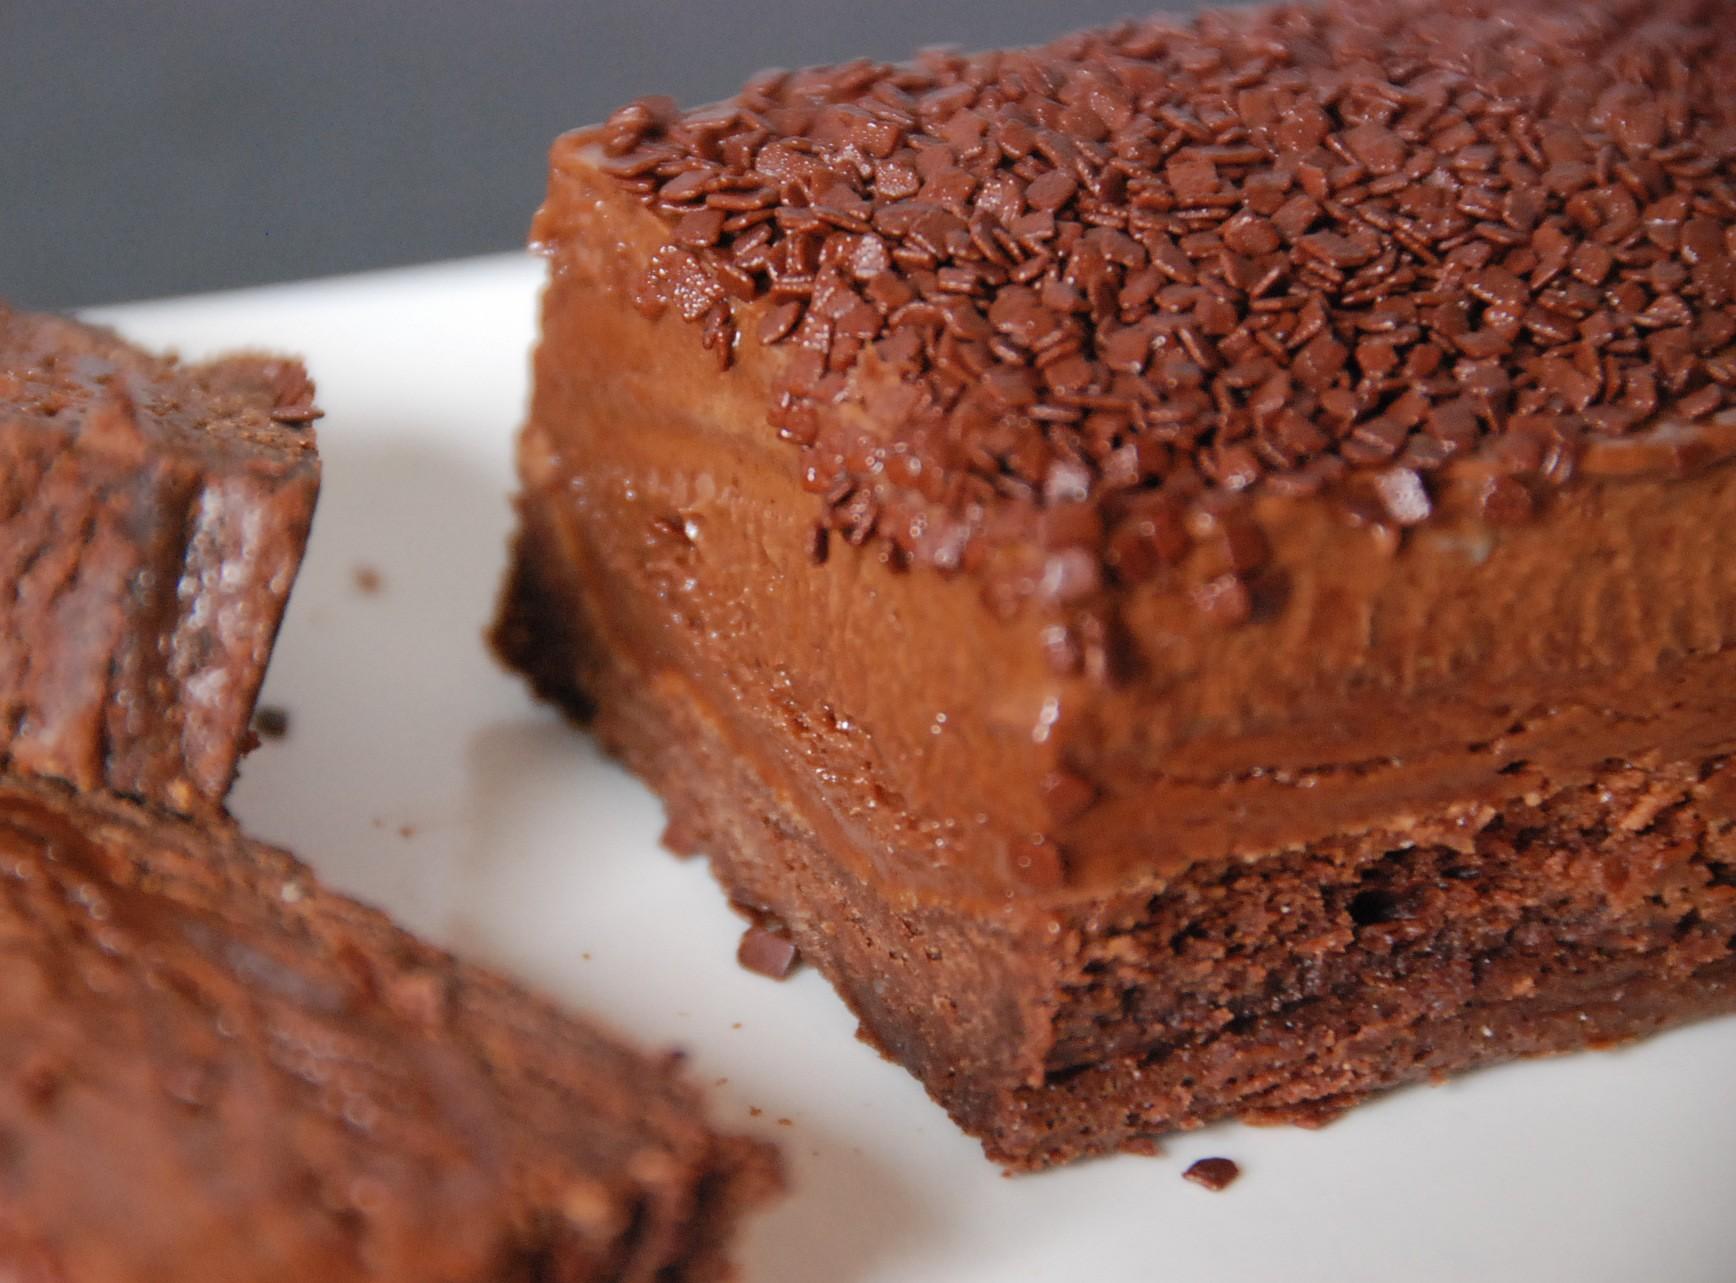 Gateau au chocolat sans beurre et 2 oeuf